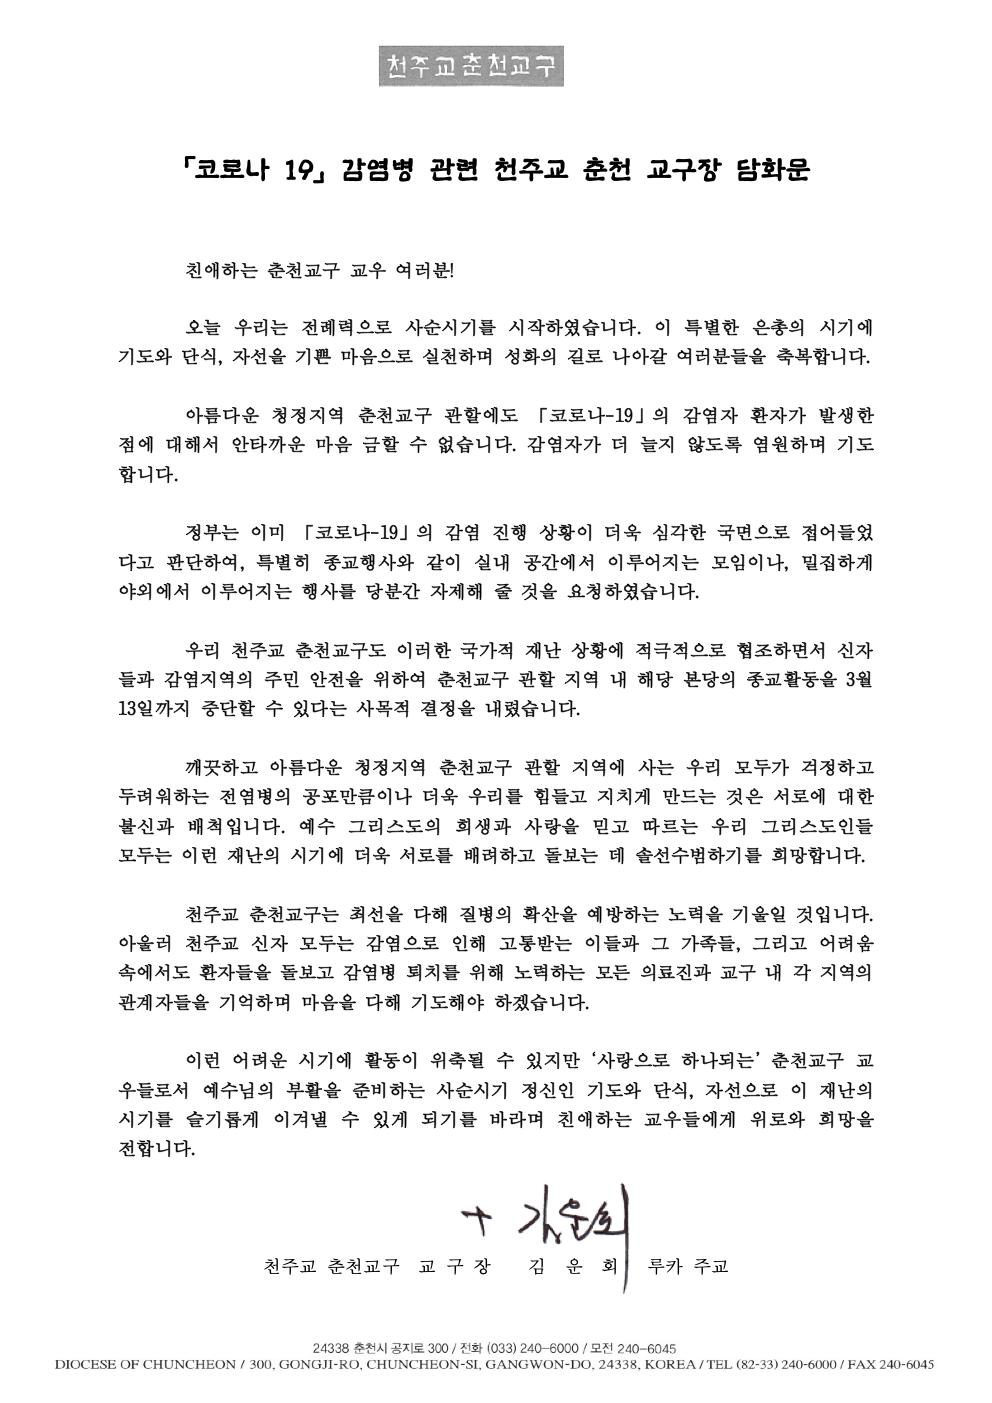 2020.02.26 「코로나 19」 감염병 관련 천주교 춘천교구장 담화문(완)001.jpg